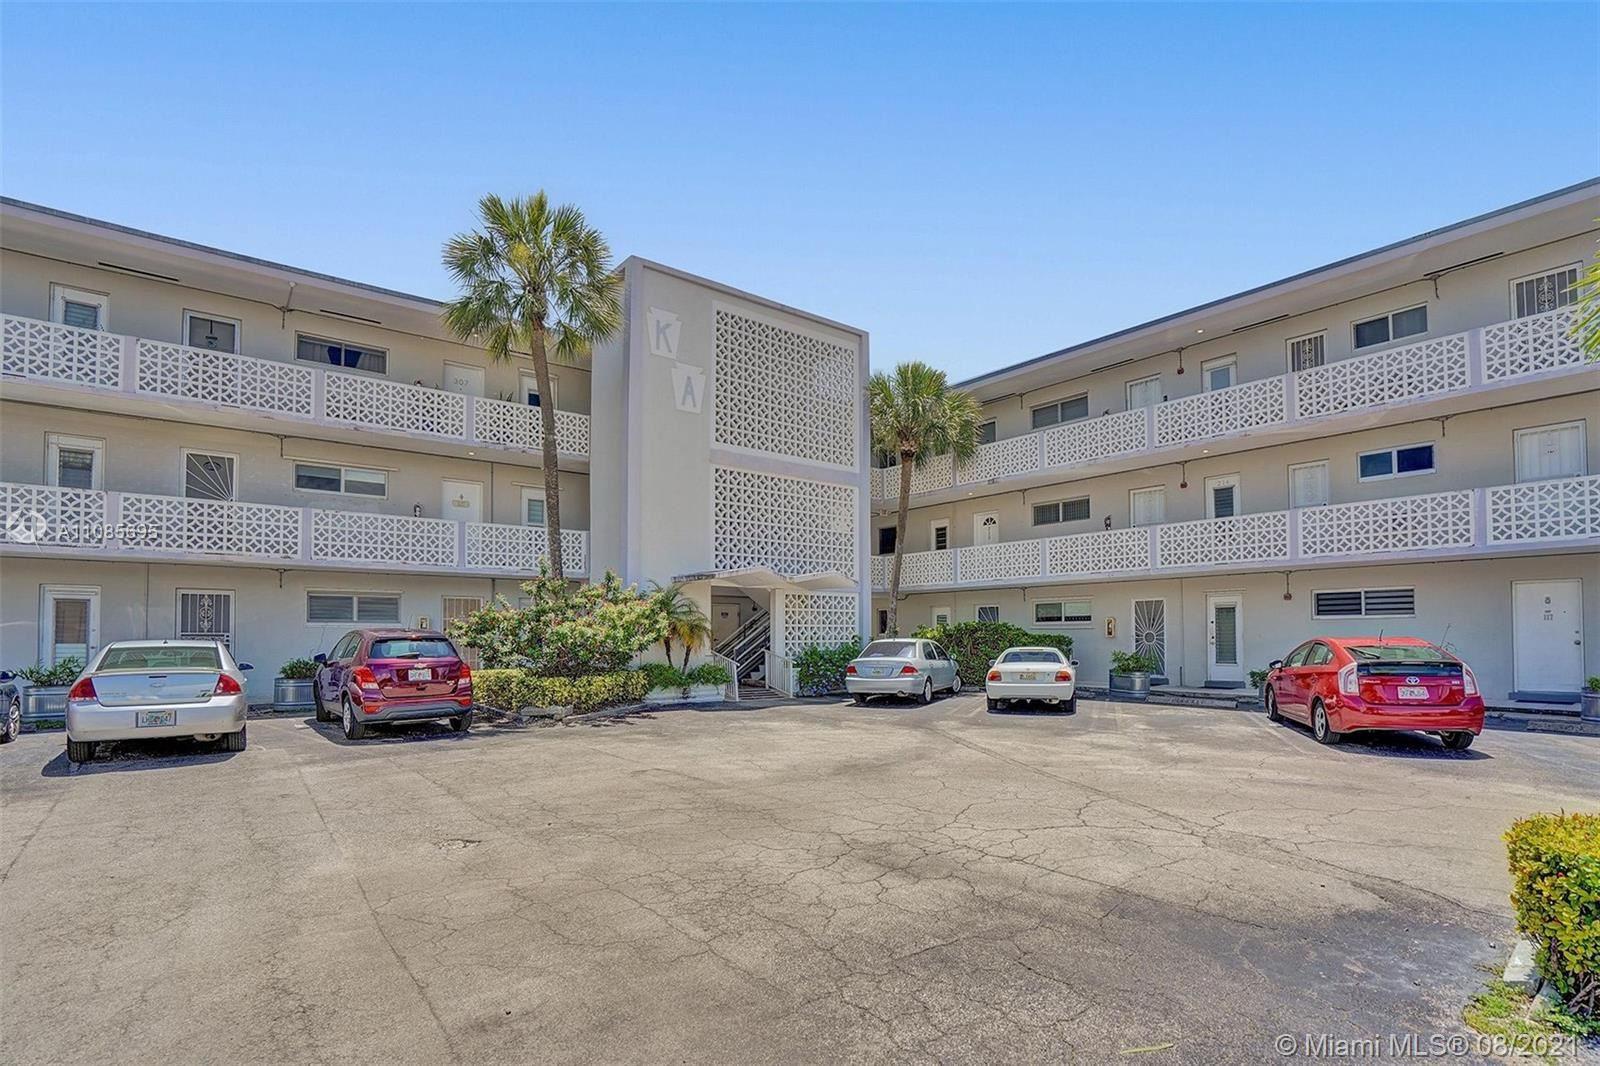 13105 S Ixora Ct #214, North Miami, FL 33181 - #: A11085695